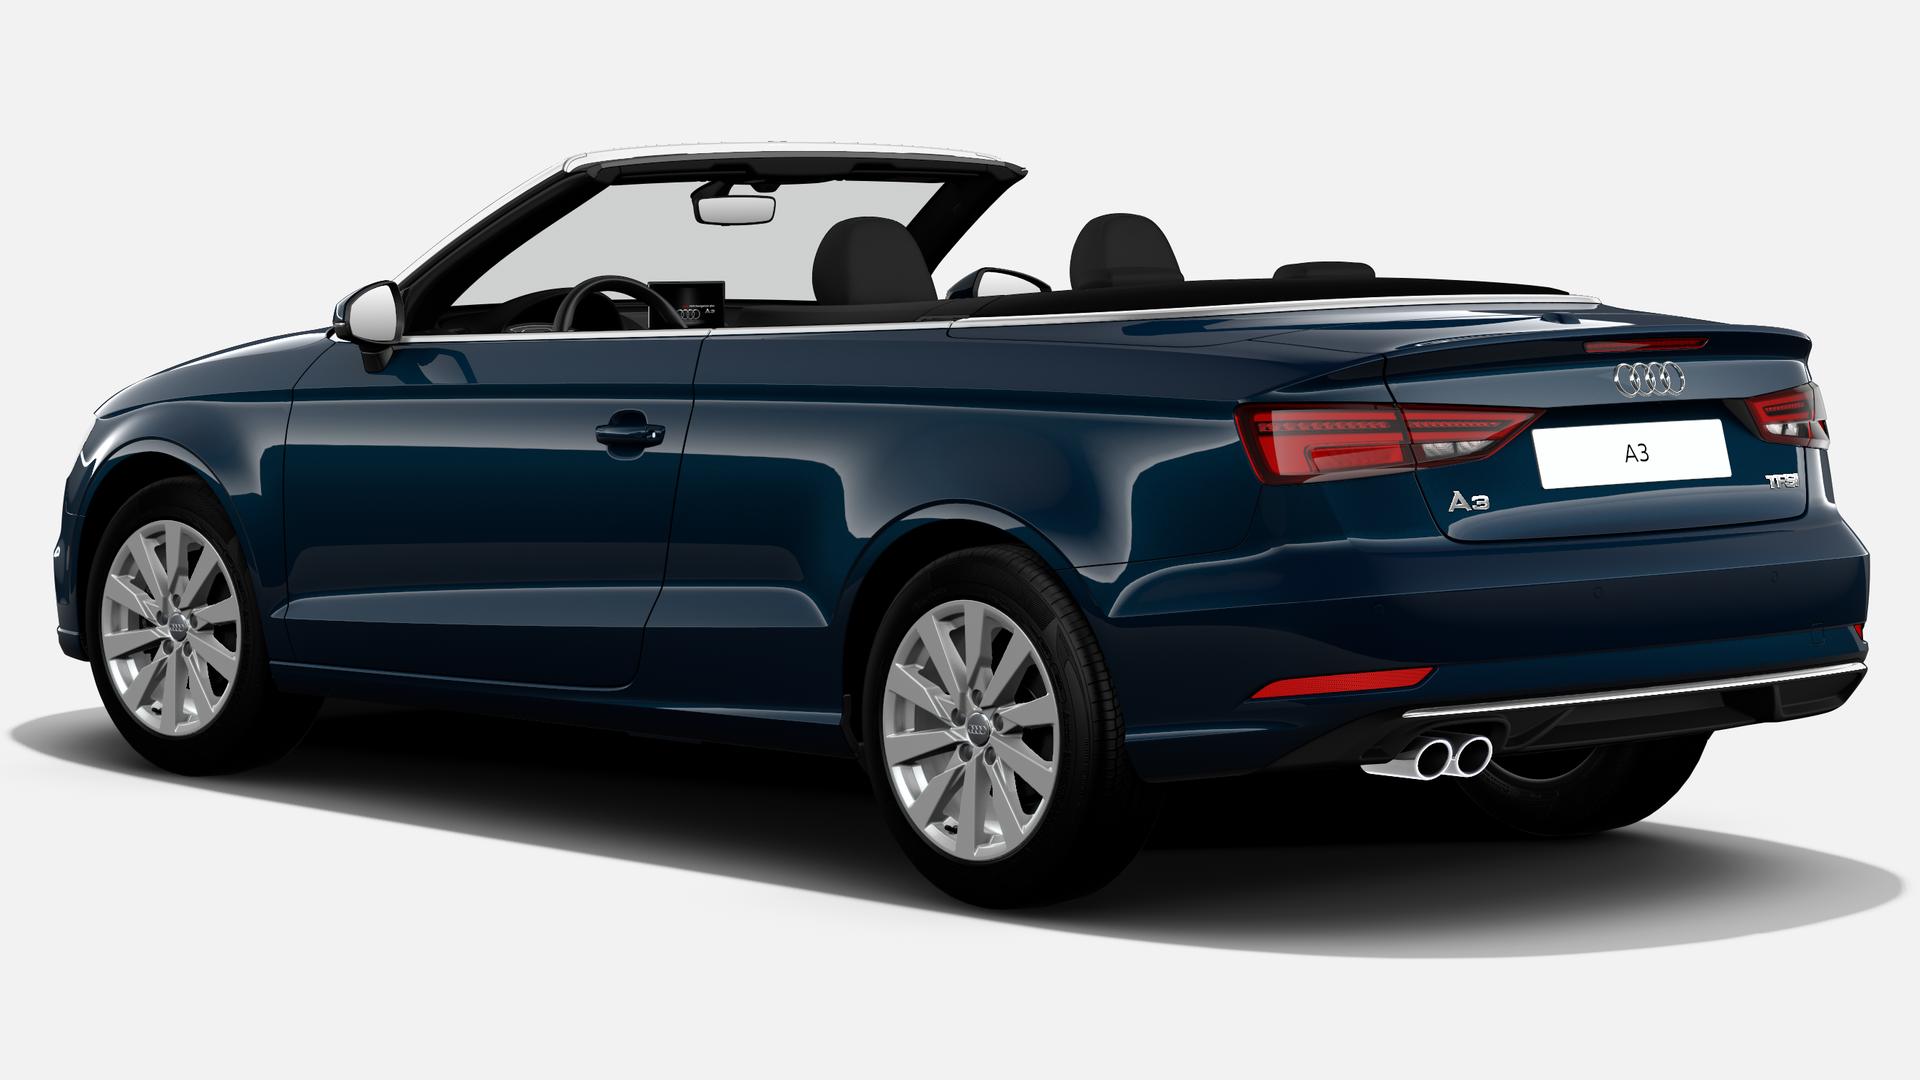 Vista Tres cuartos trasera izquierda de Audi A3 Cabrio 1.5 TFSI Design Edition CoD EVO 110 kW (150 CV)